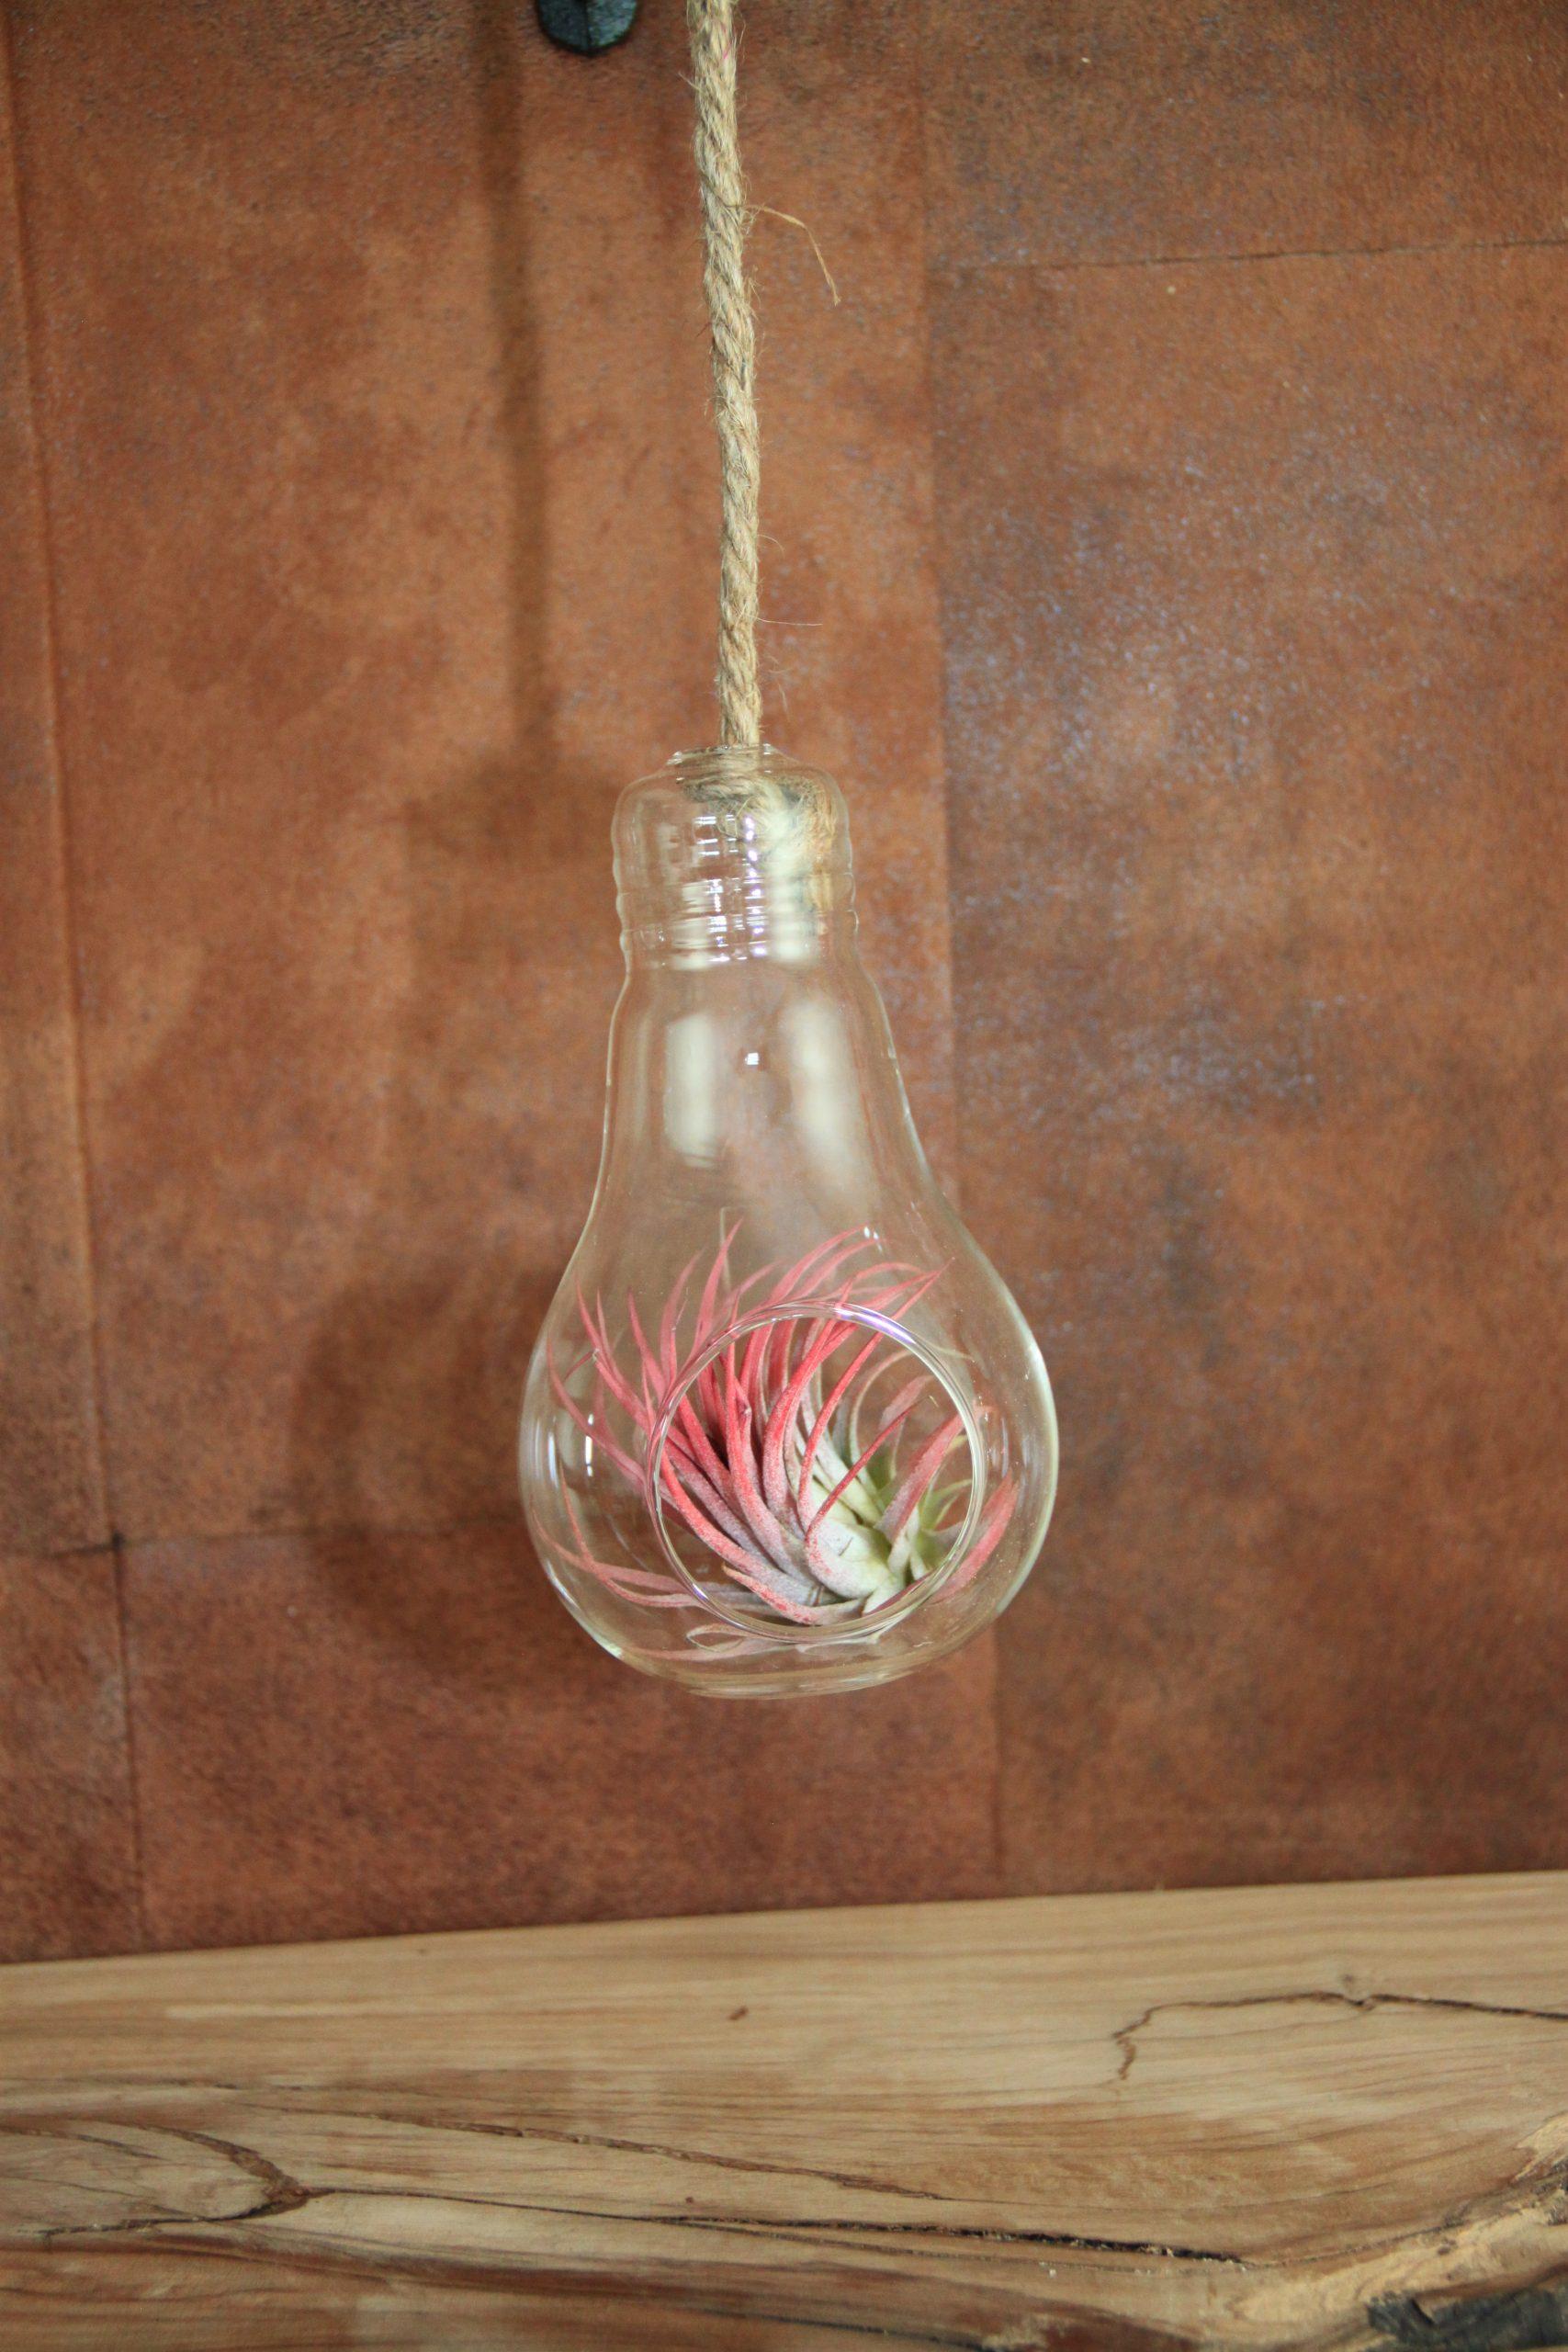 plantje bulb tillandsia rood